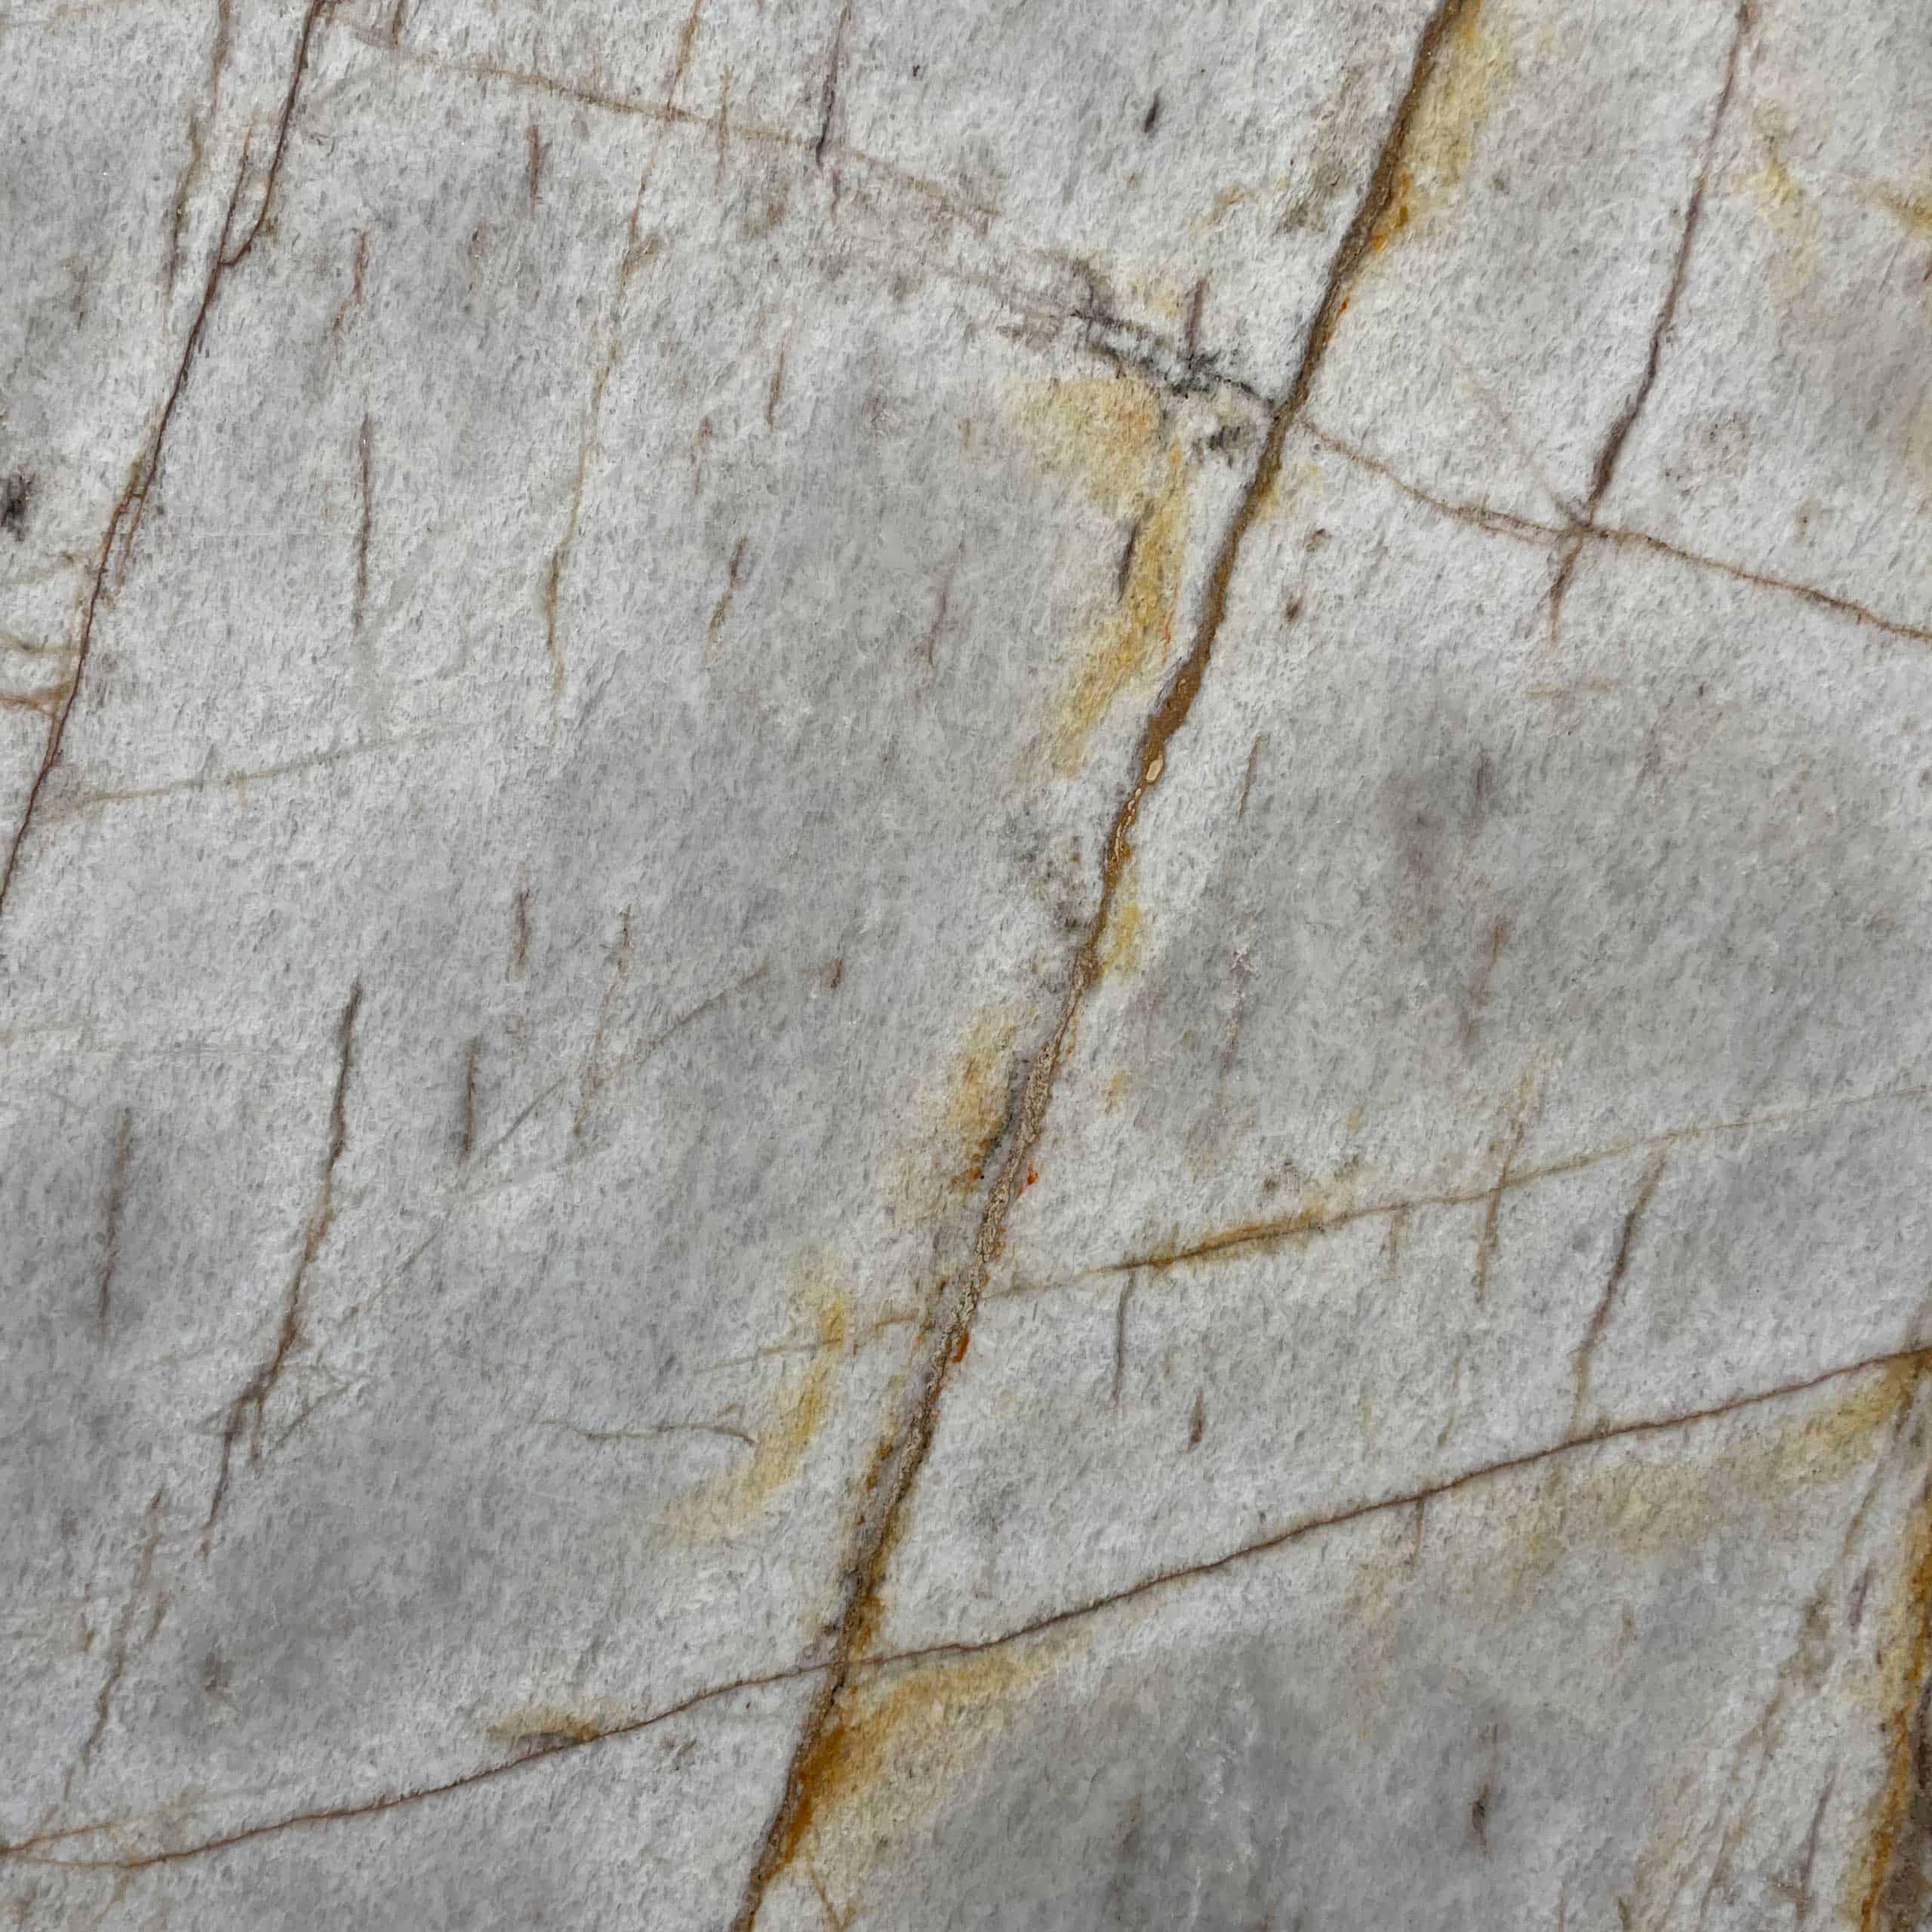 Cristallo Imperiale Natural Stone